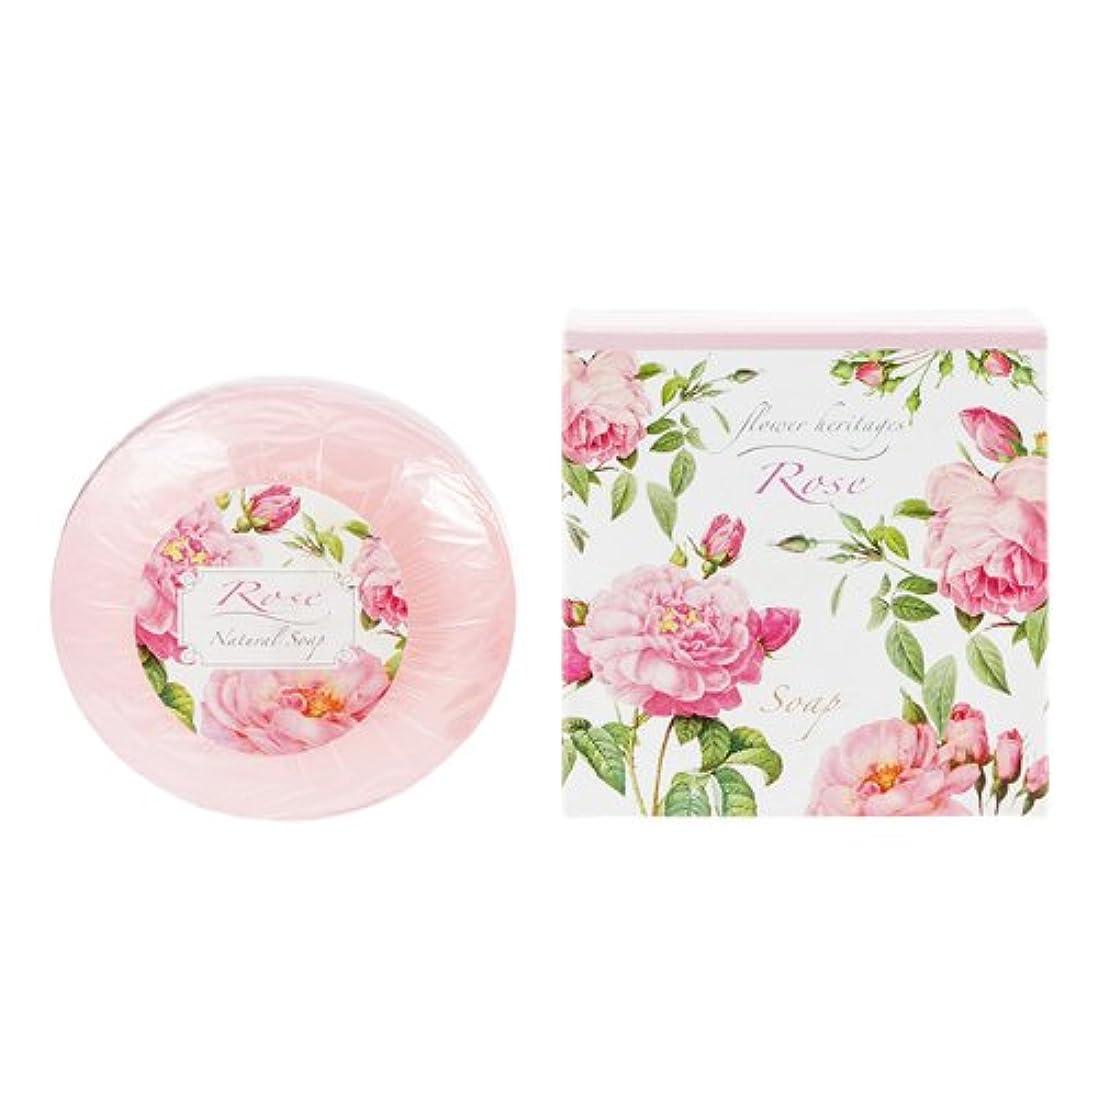 十二借りる議論するネイチャータッチ (Nature Touch) Flower Heritage ソープ120g/ローズ